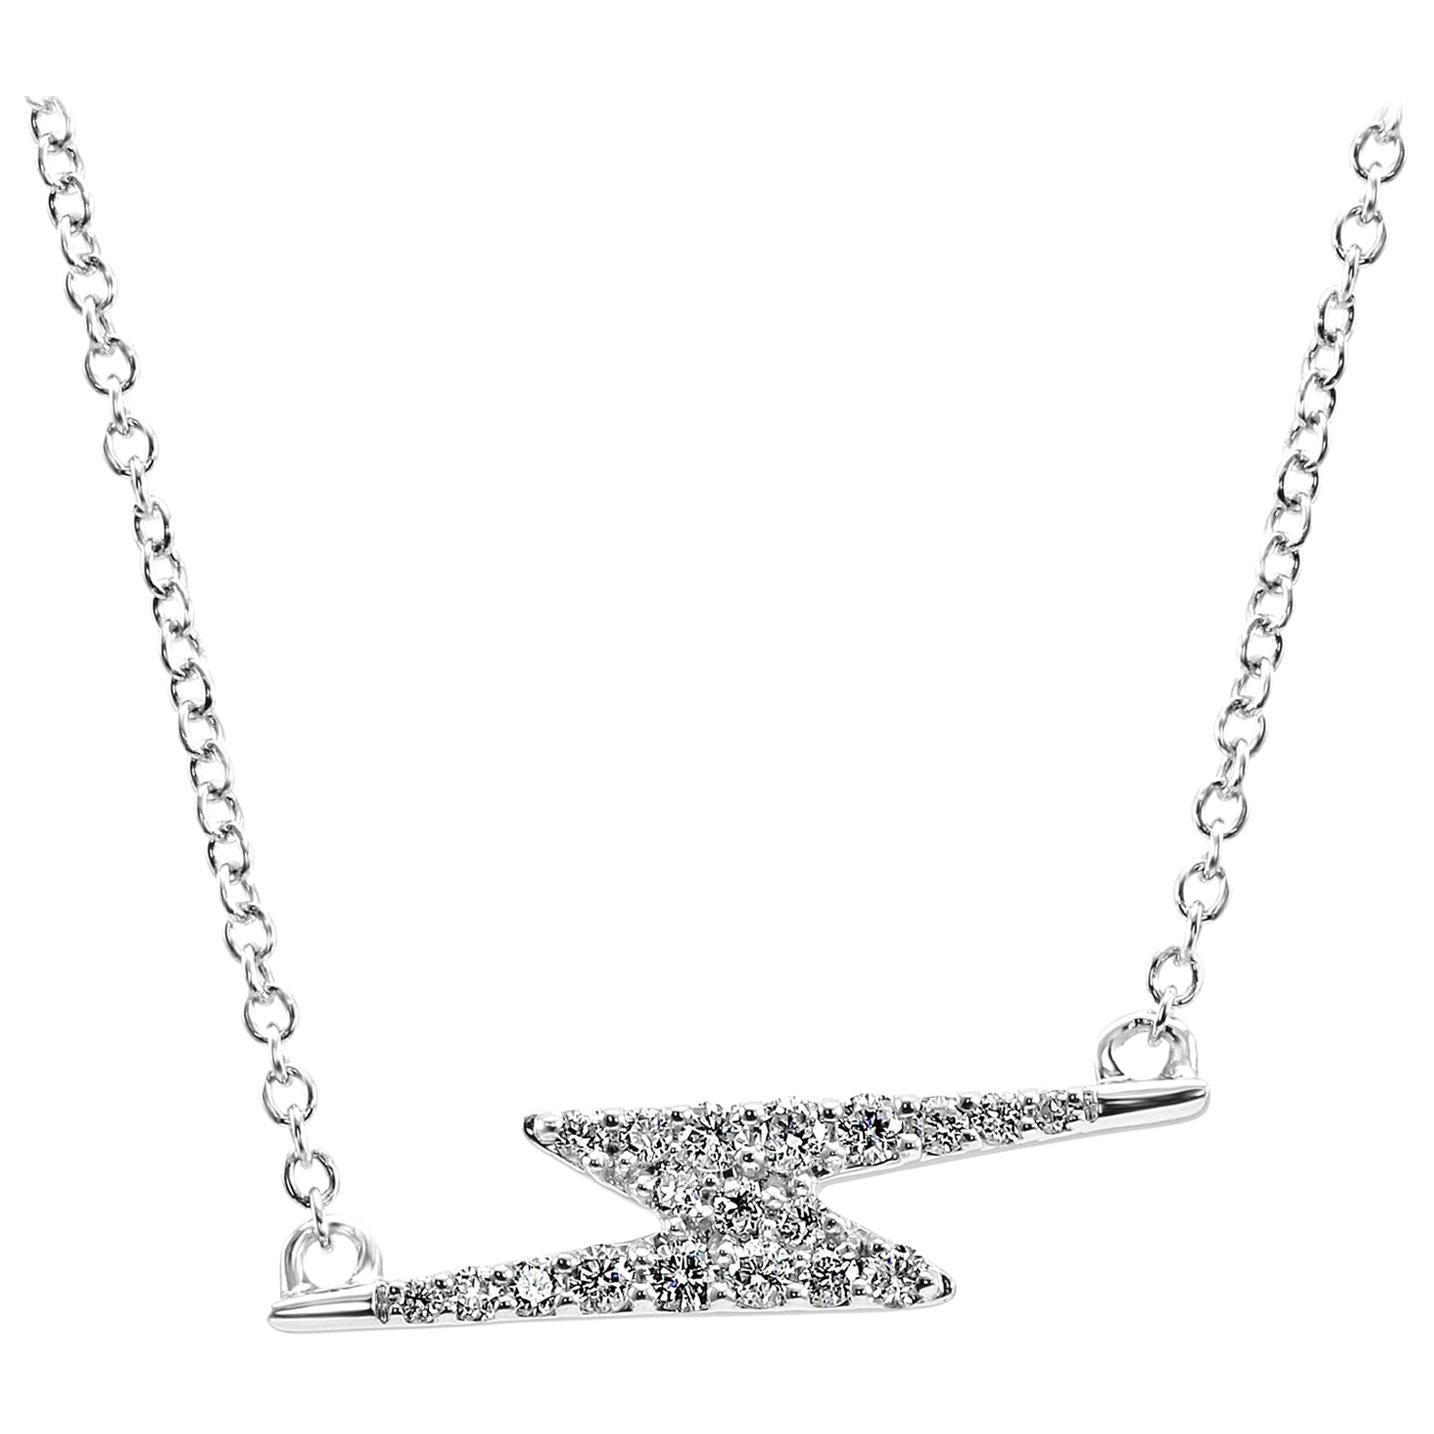 Round White Diamonds Fashion Drop Pendant 14 Karat White Gold Chain Necklace